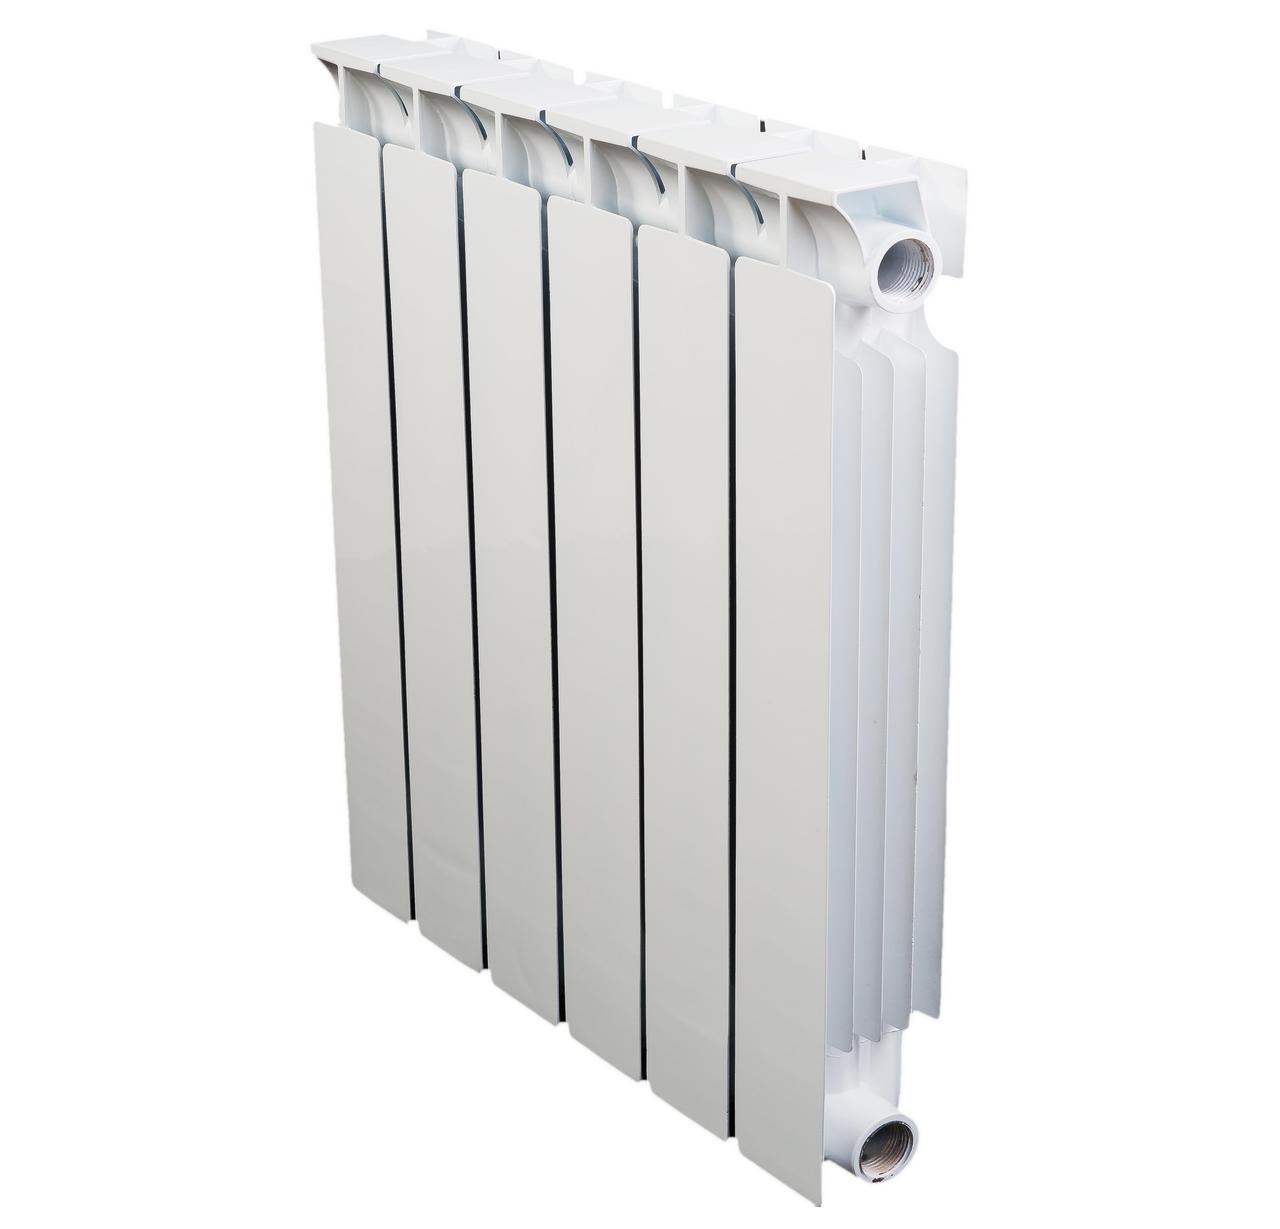 Радиатор биметаллический АЛТЕРМО (ЛРБ) 500 - 10 секций